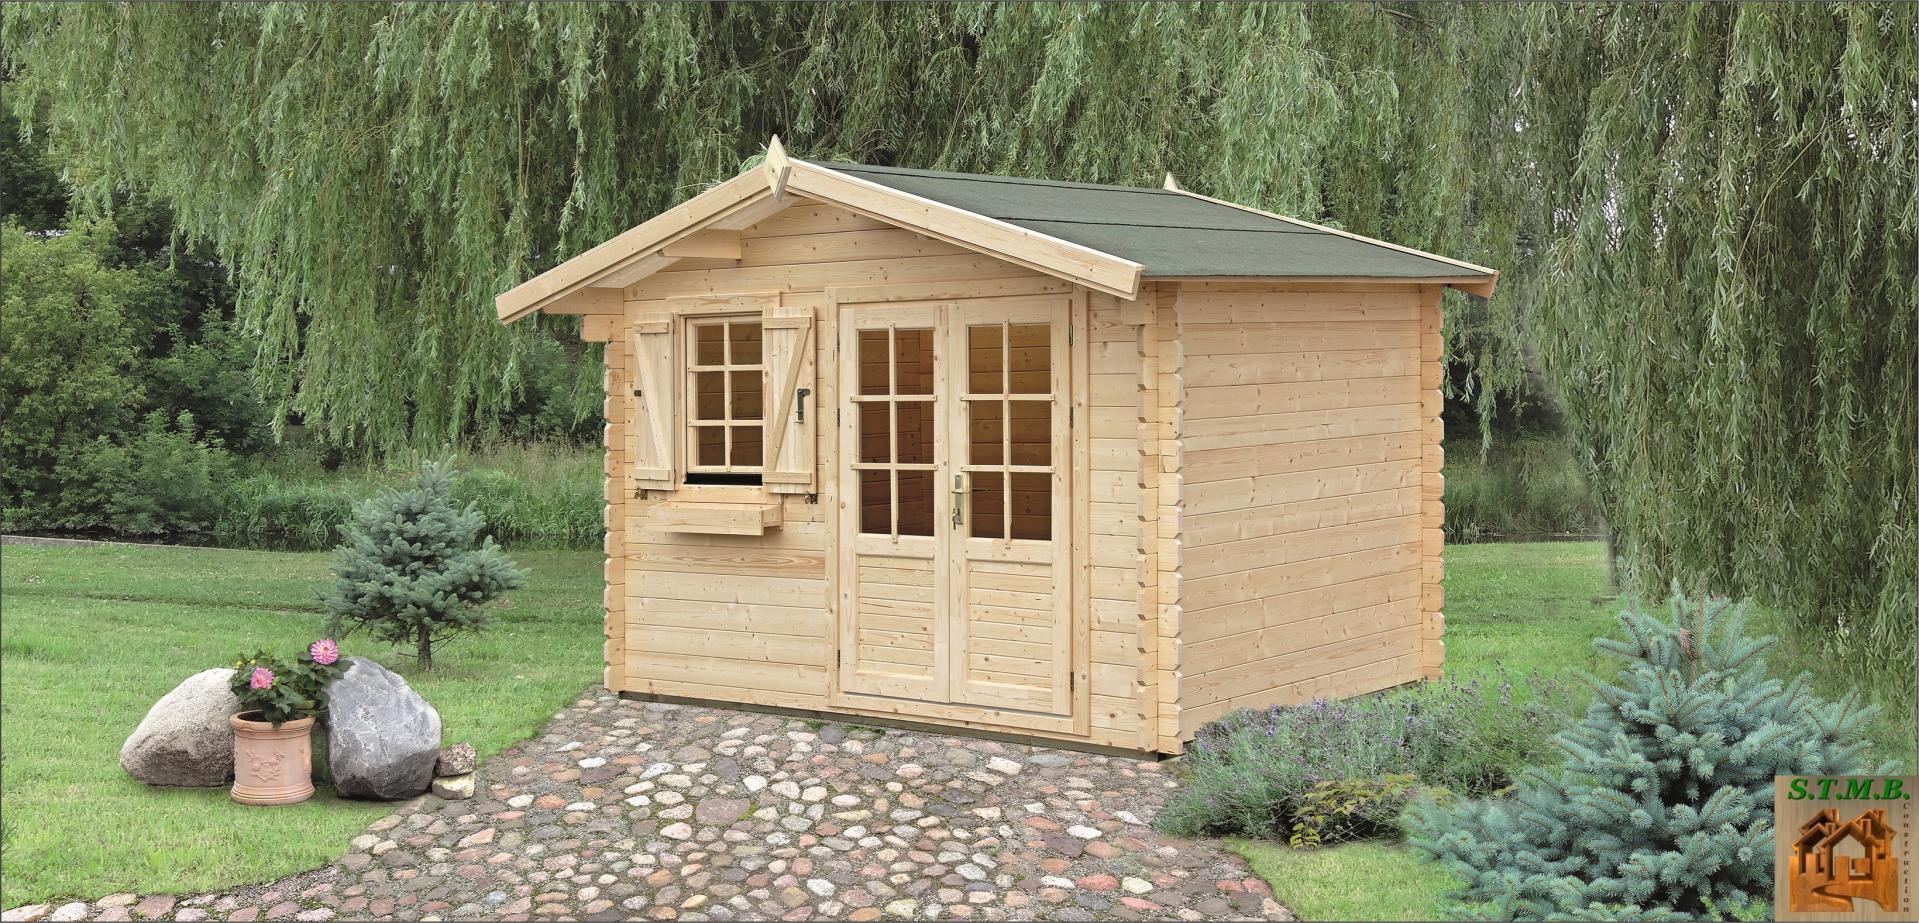 Kit chalet bois de jardin 14 m sans permis de construire - Petit chalet en bois habitable ...